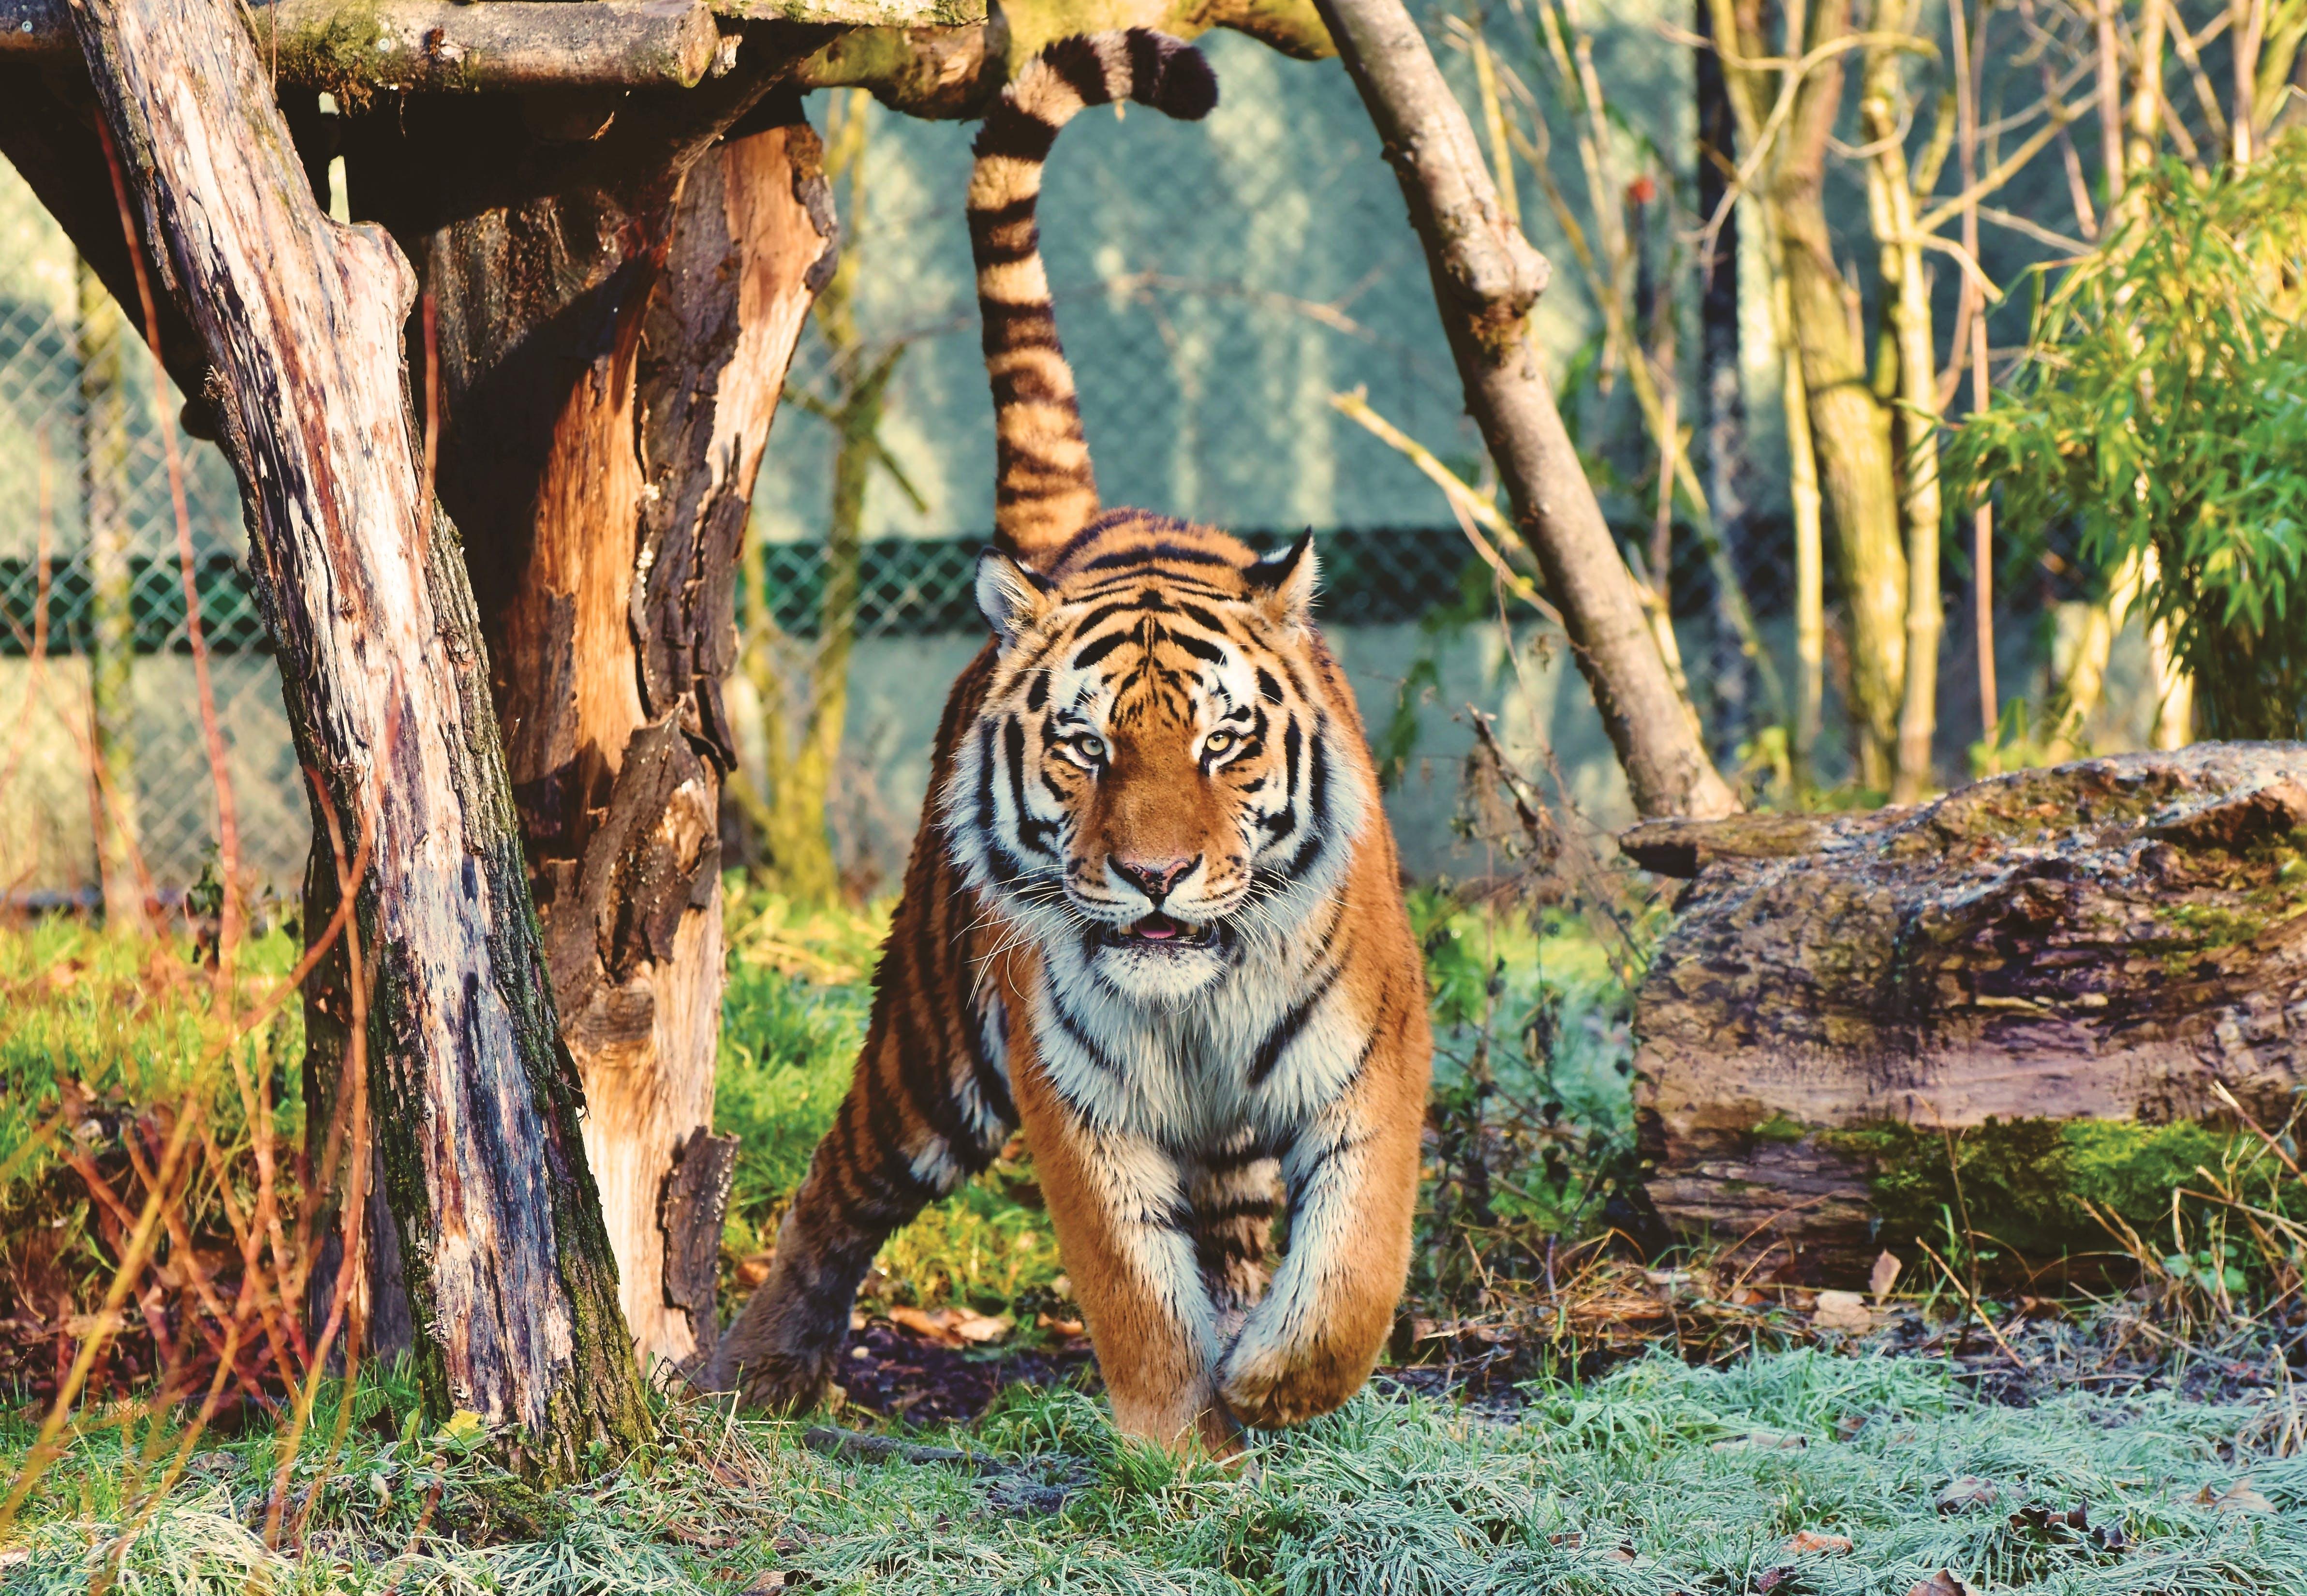 Základová fotografie zdarma na téma bengálský tygr, divočina, fotografování zvířat, masožravec